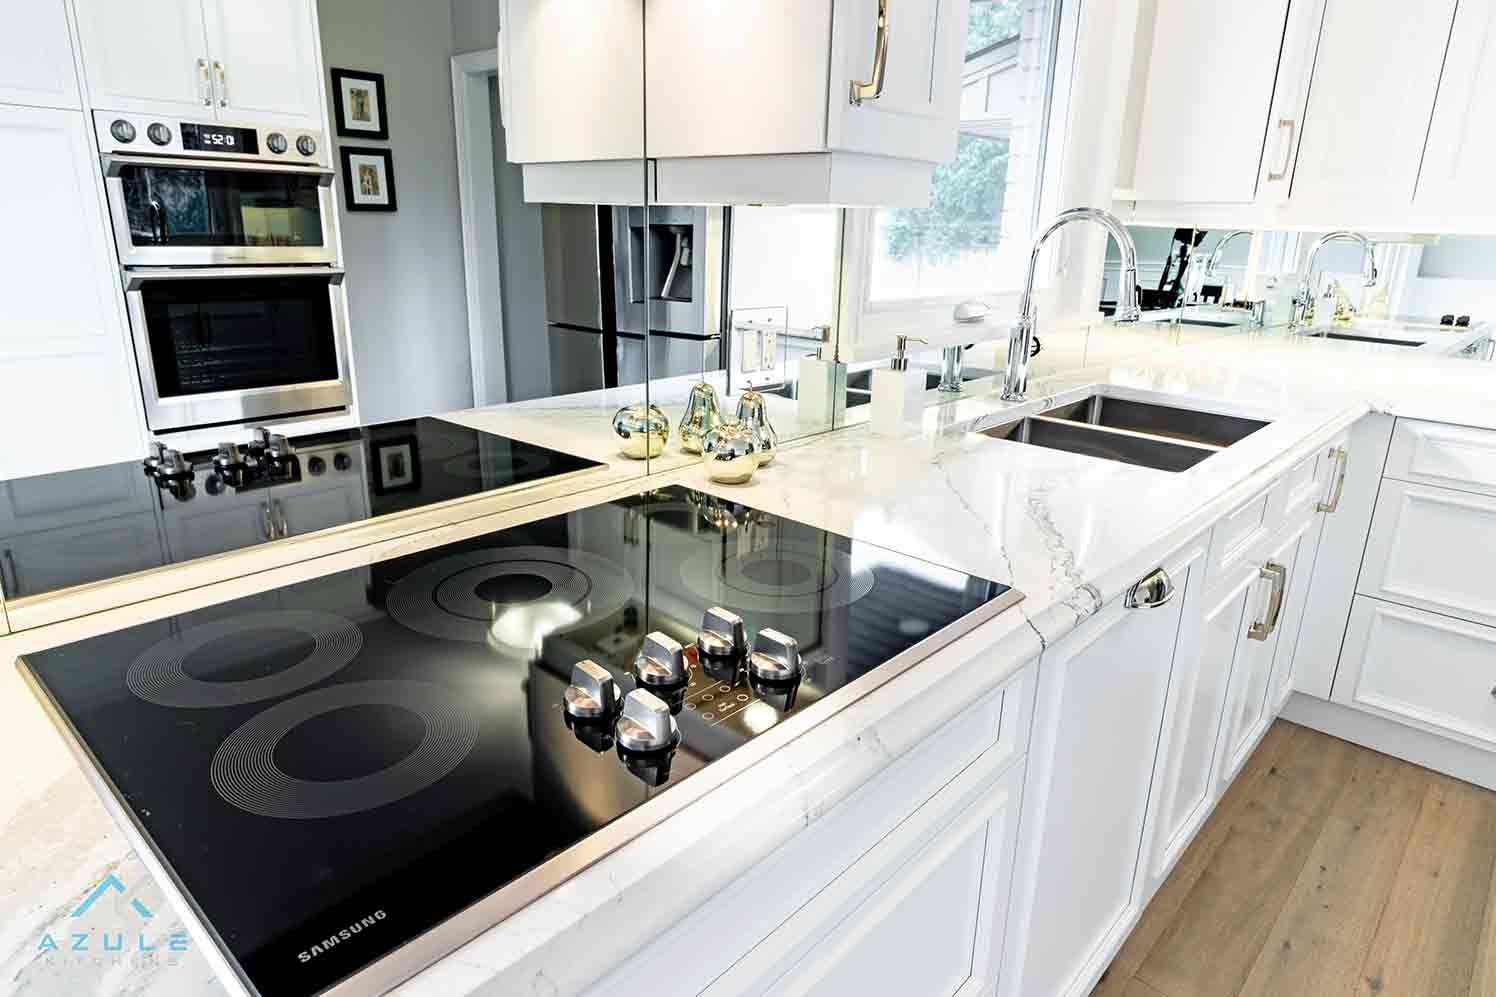 Azule Kitchens Modern Design Kitchen Tops In 2020 Modern Kitchen Design Kitchen Redesign Kitchen Cabinetry